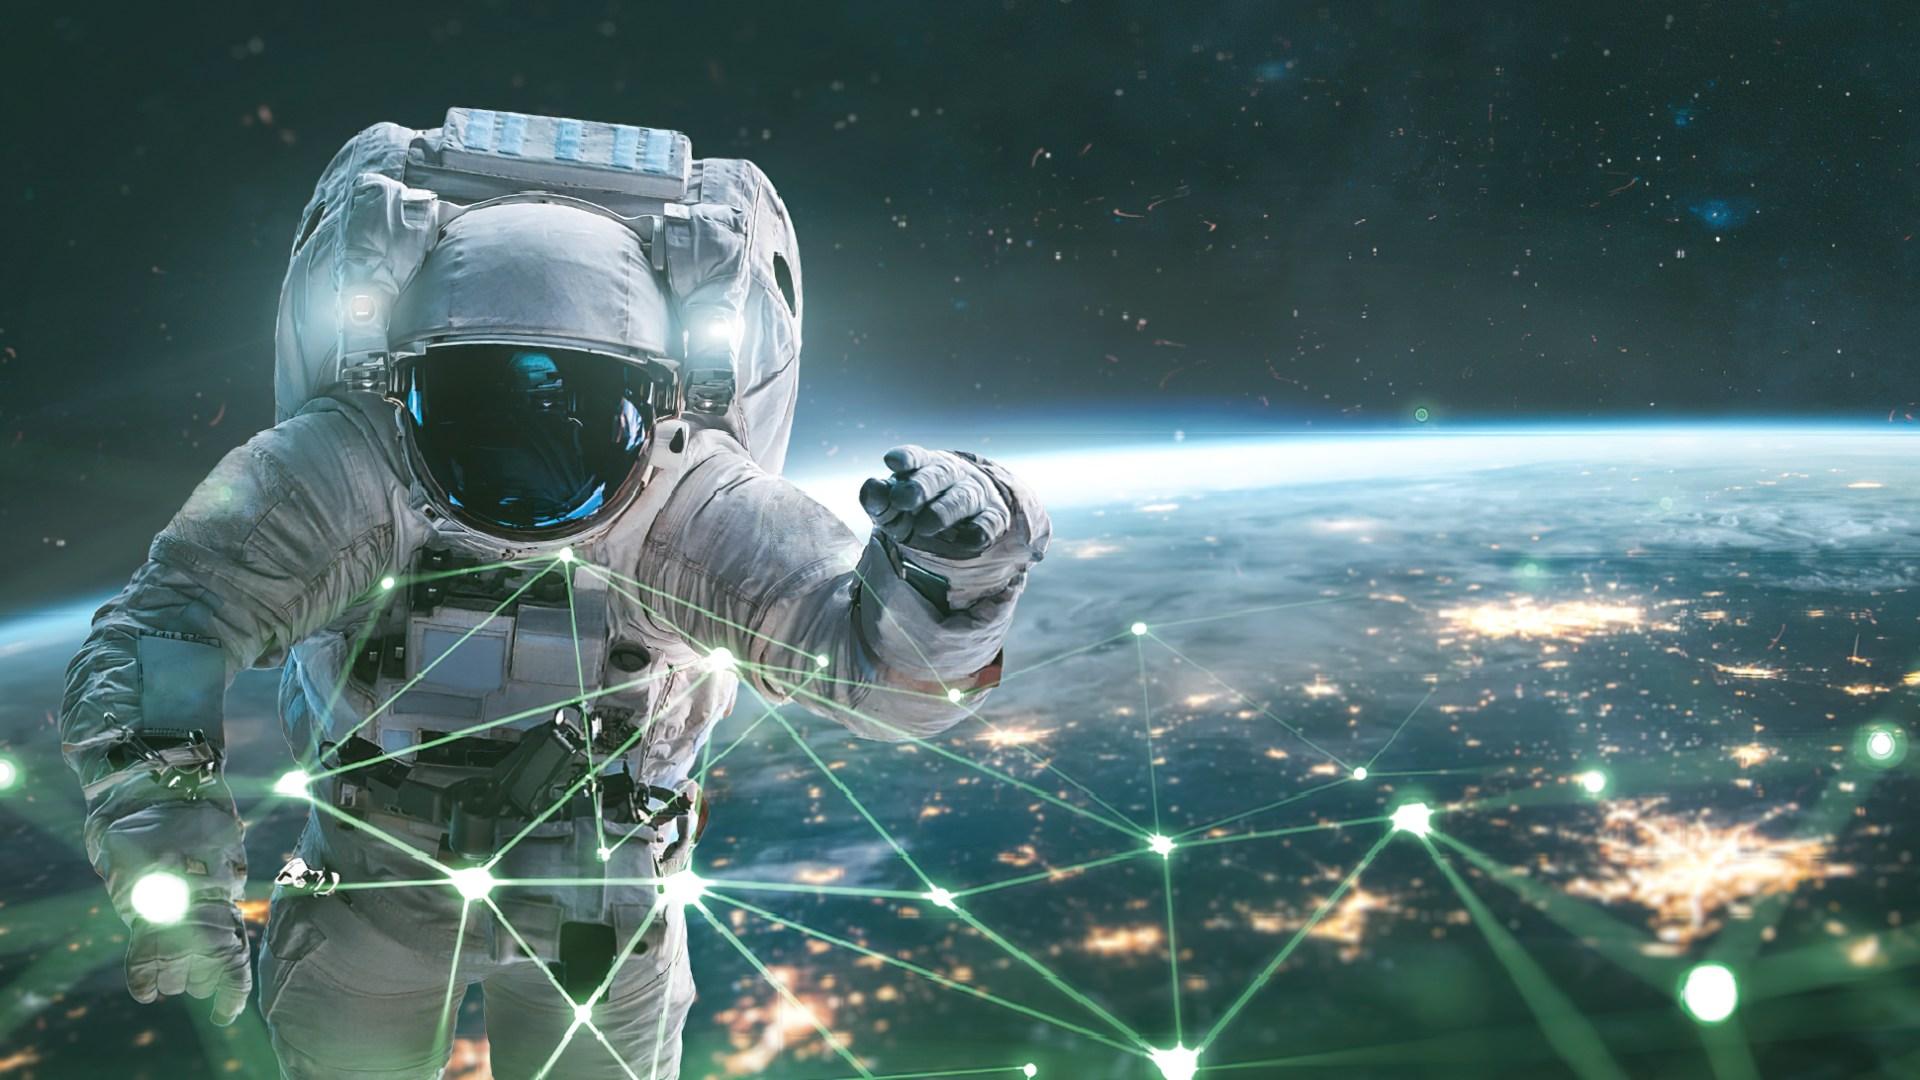 Weltraum, Nasa, Raumfahrt, Weltall, Satellit, Erde, Vernetzung, Planet, Geodaten, Satelliten Internet, Astronaut, Space, Astronauten, Weltraumtouristen, Weltraumspaziergang, Weltraumanzug, Spacesuite